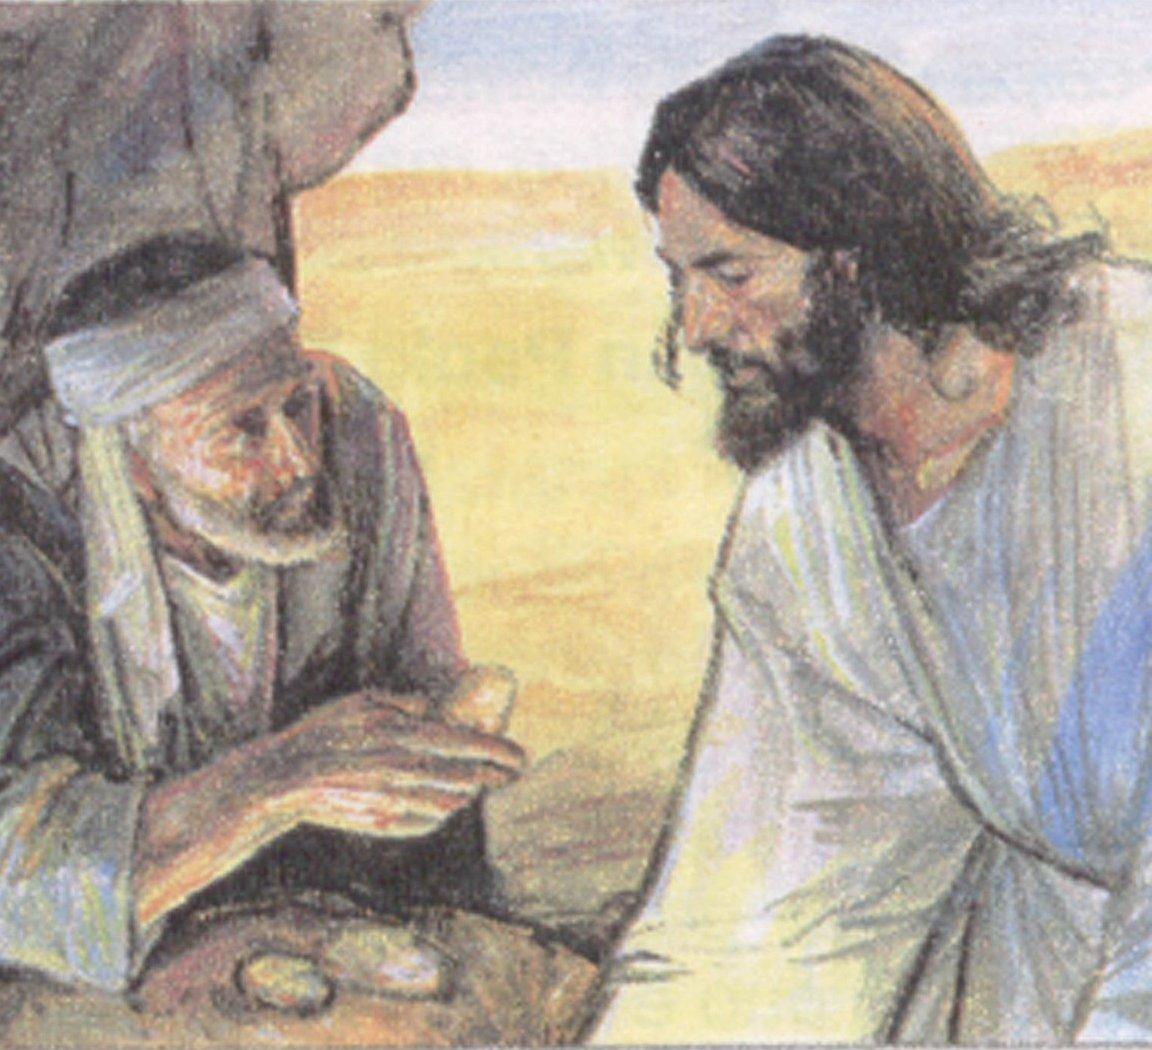 Chúa nhật I Mùa chay năm A: Những cơn cám dỗ đời người